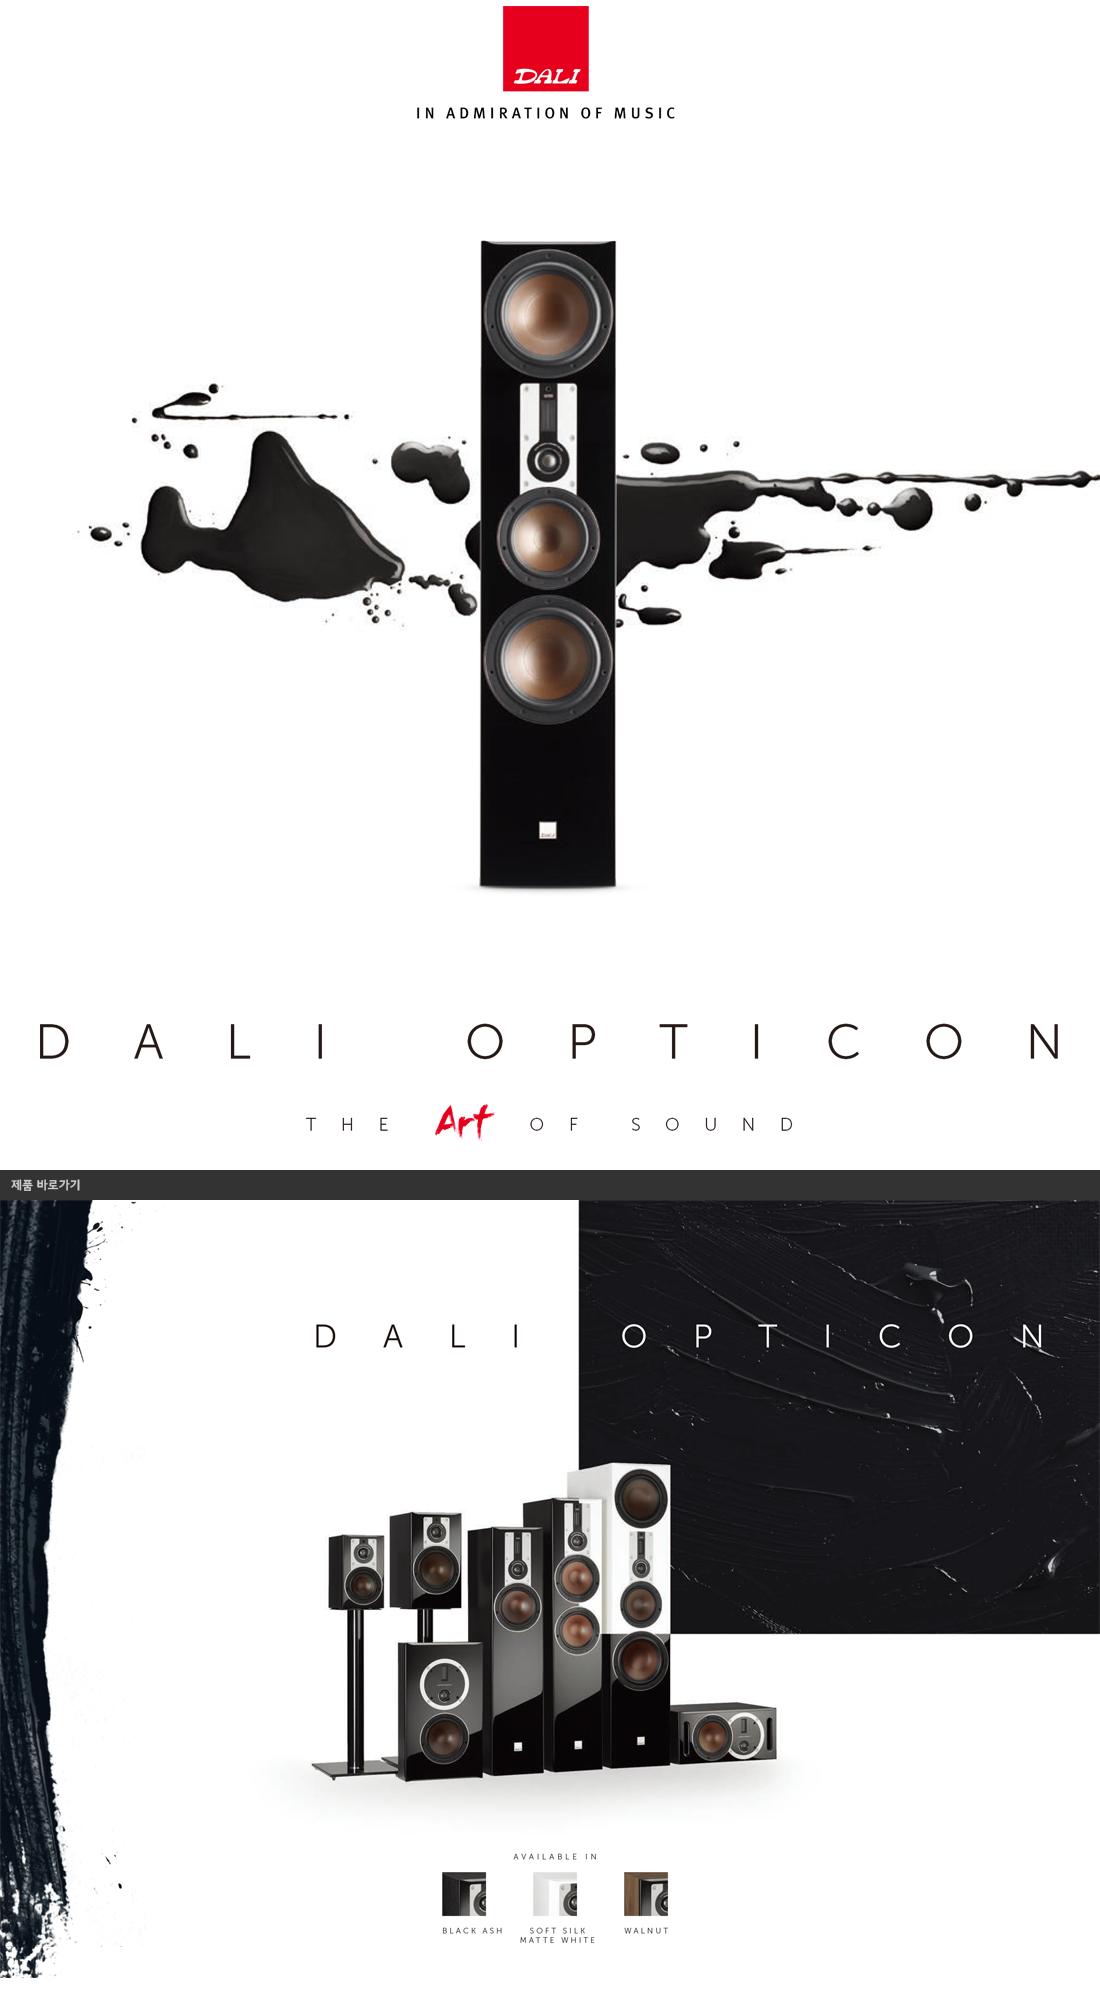 dali_opticon_promo_01.png